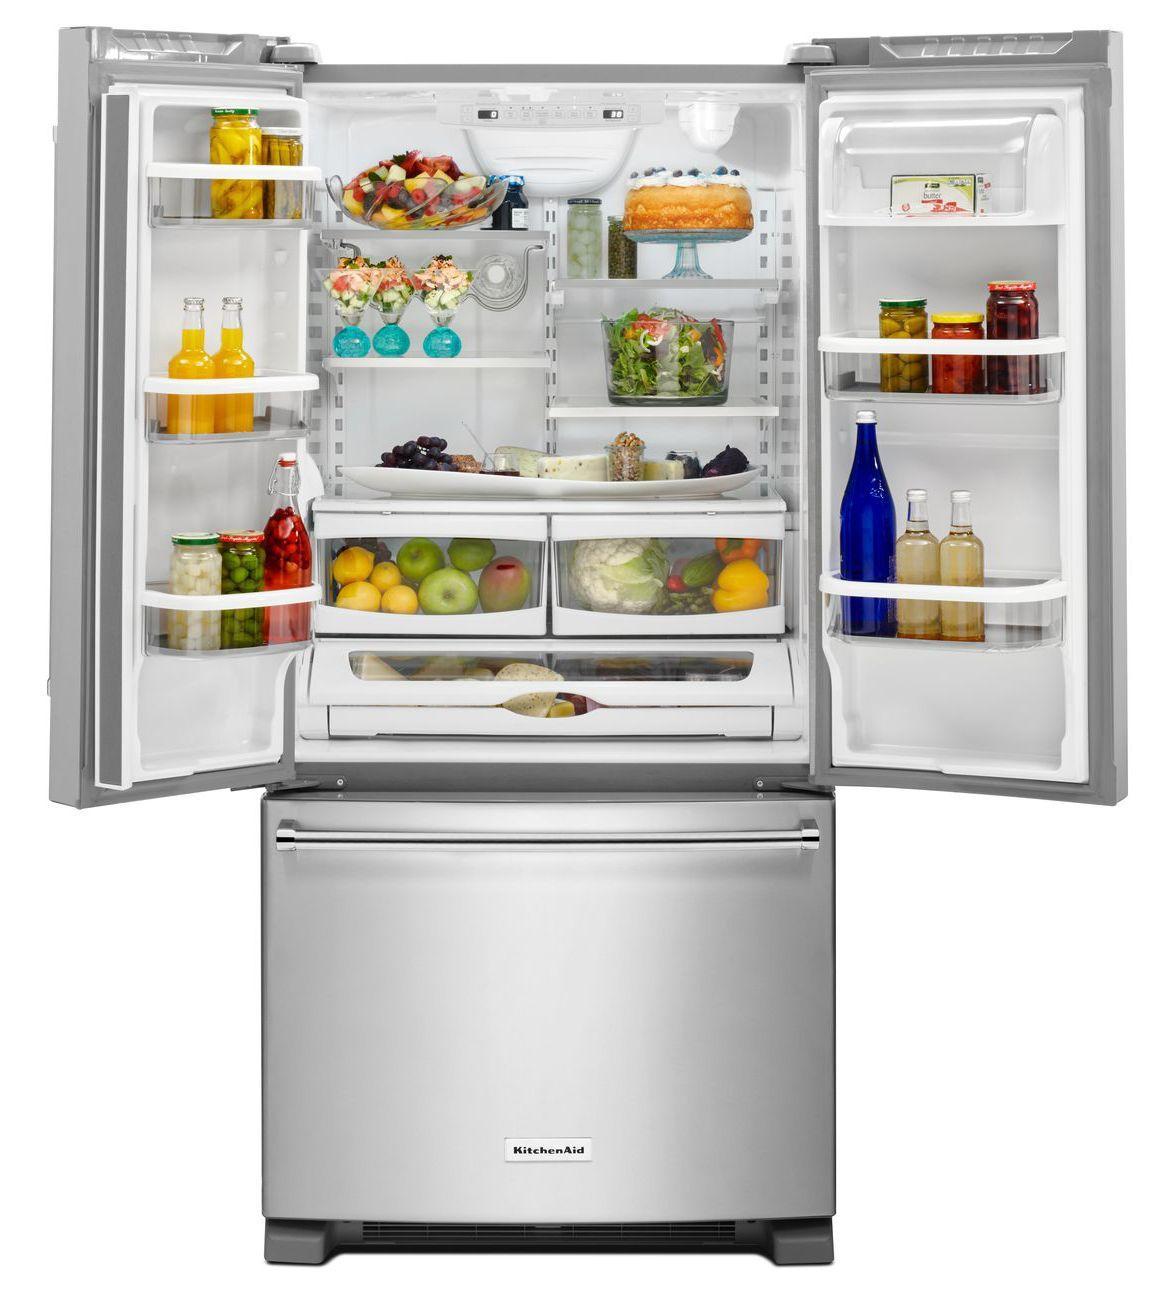 Kitchenaid 22 Cu Ft French Door Refrigerator